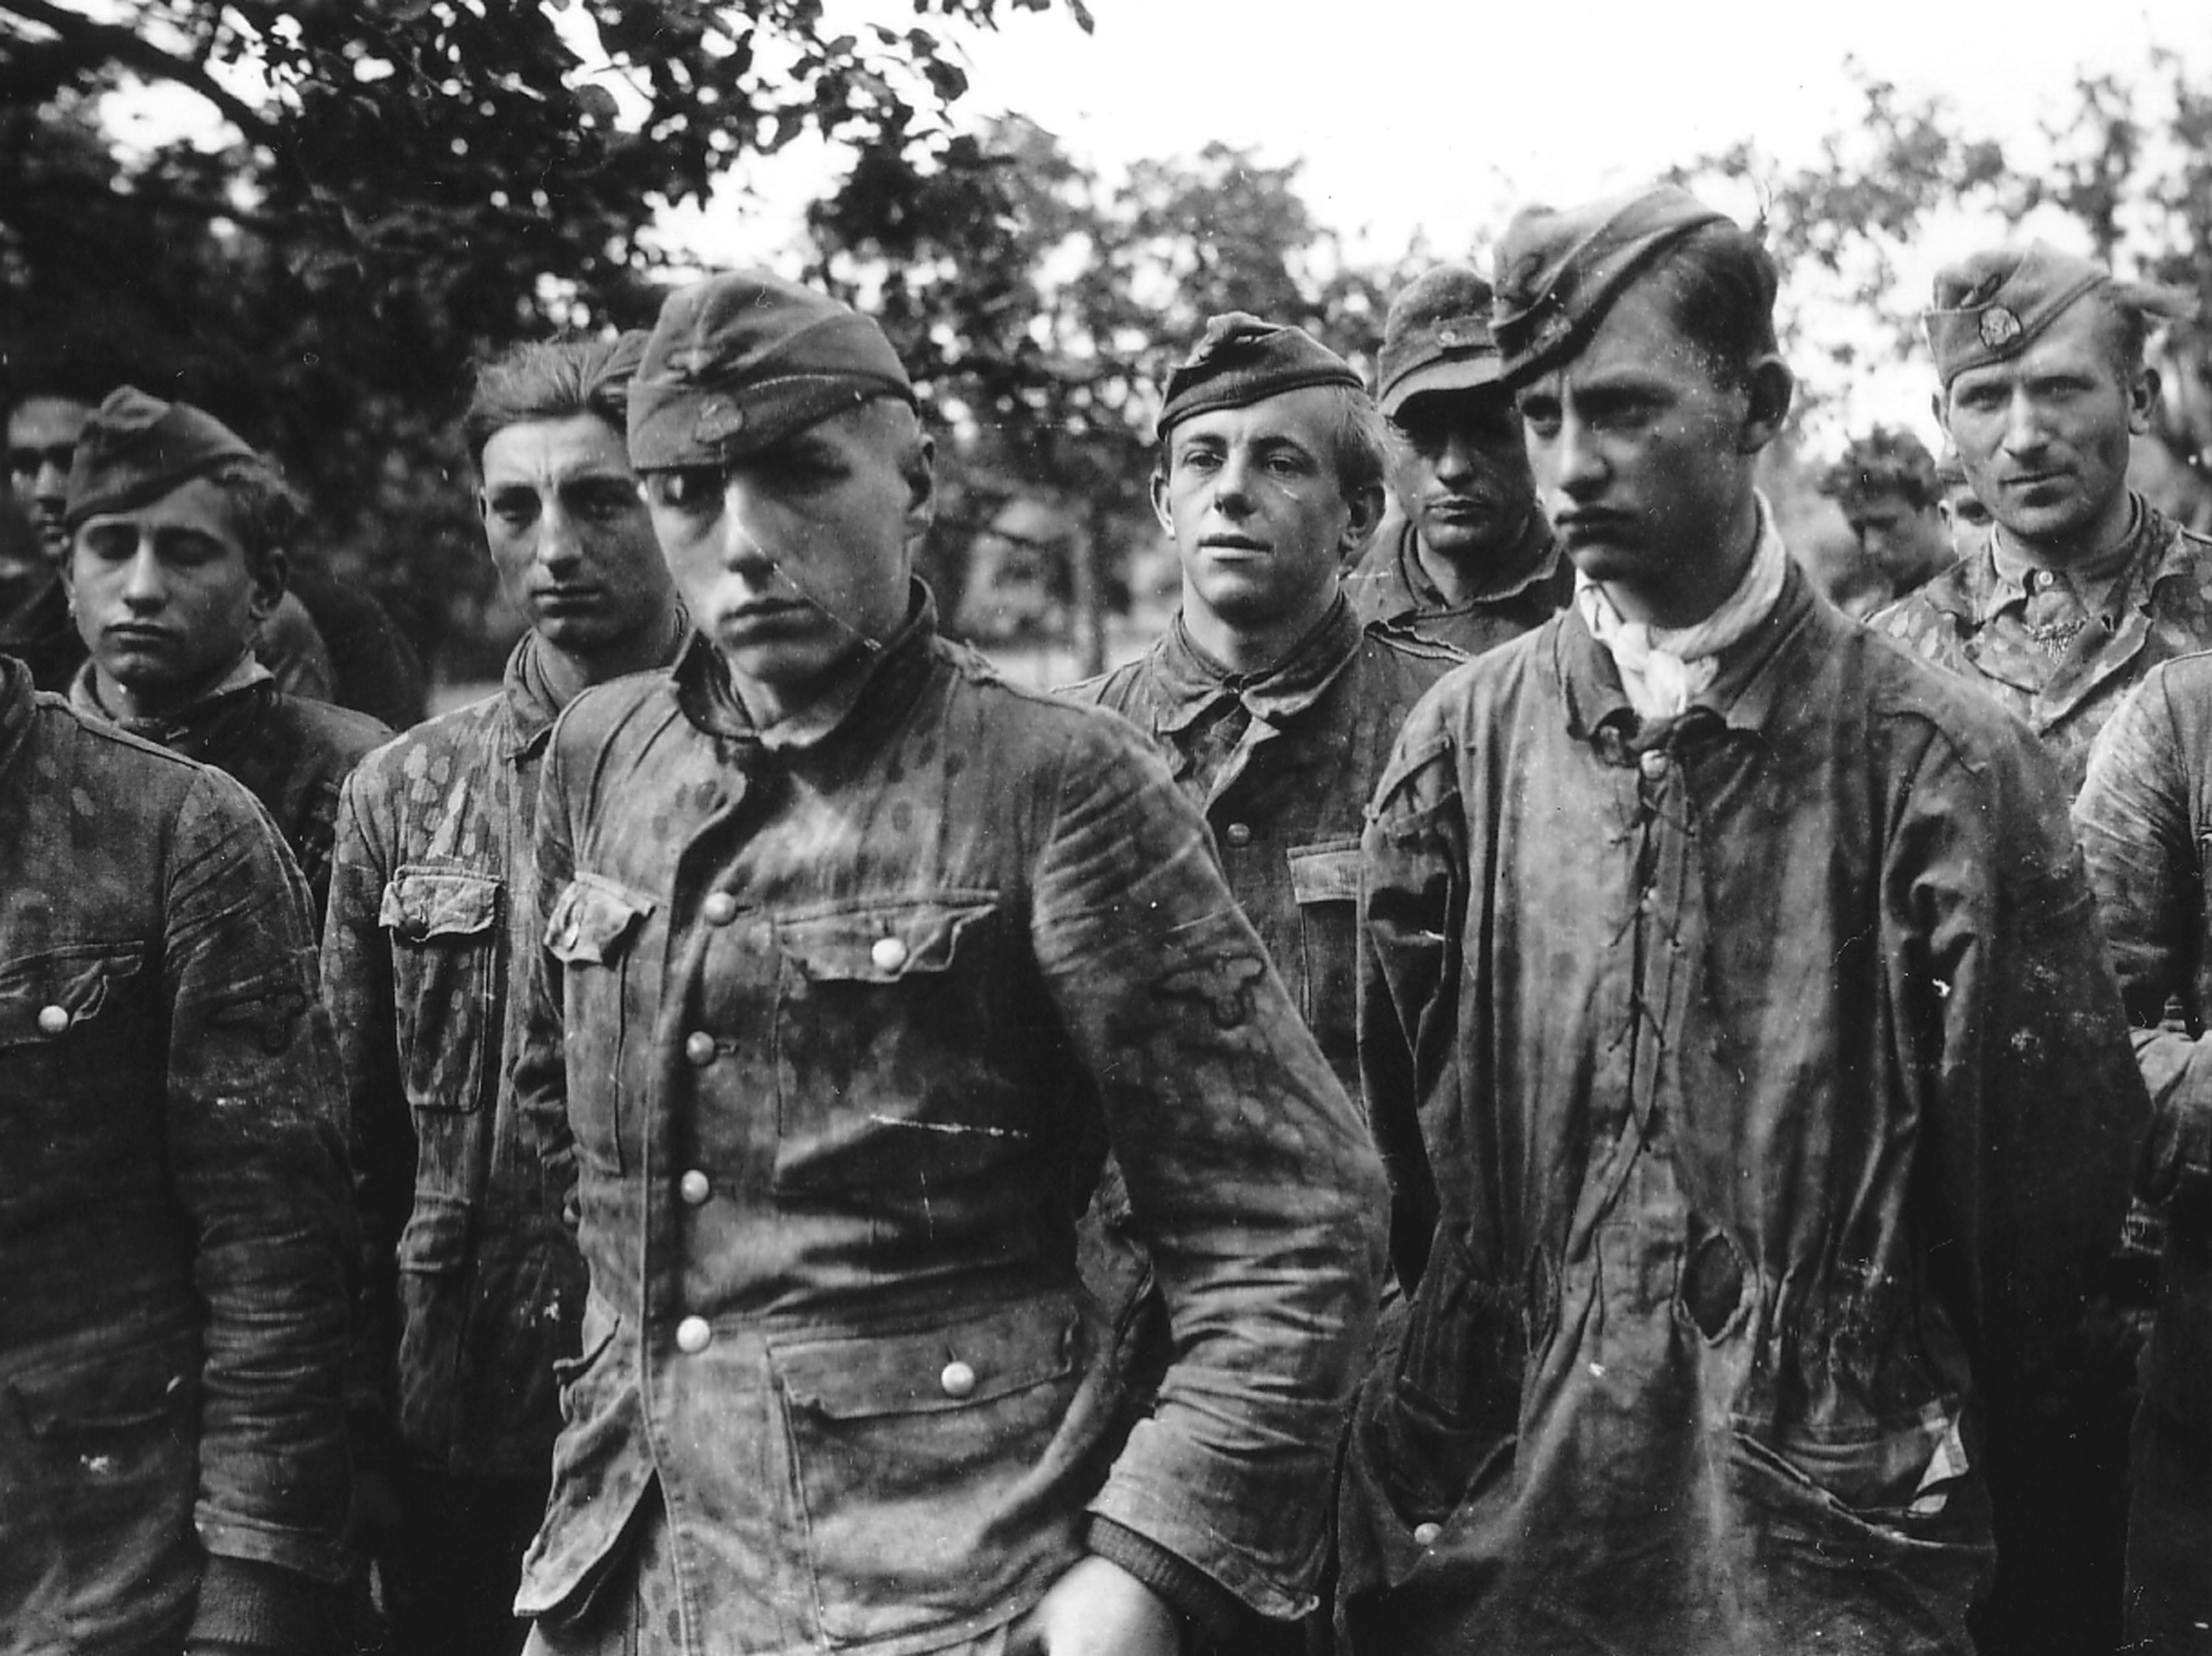 Pero toda gloria tiene su fin, como estos prisioneros capturados en Normandía.